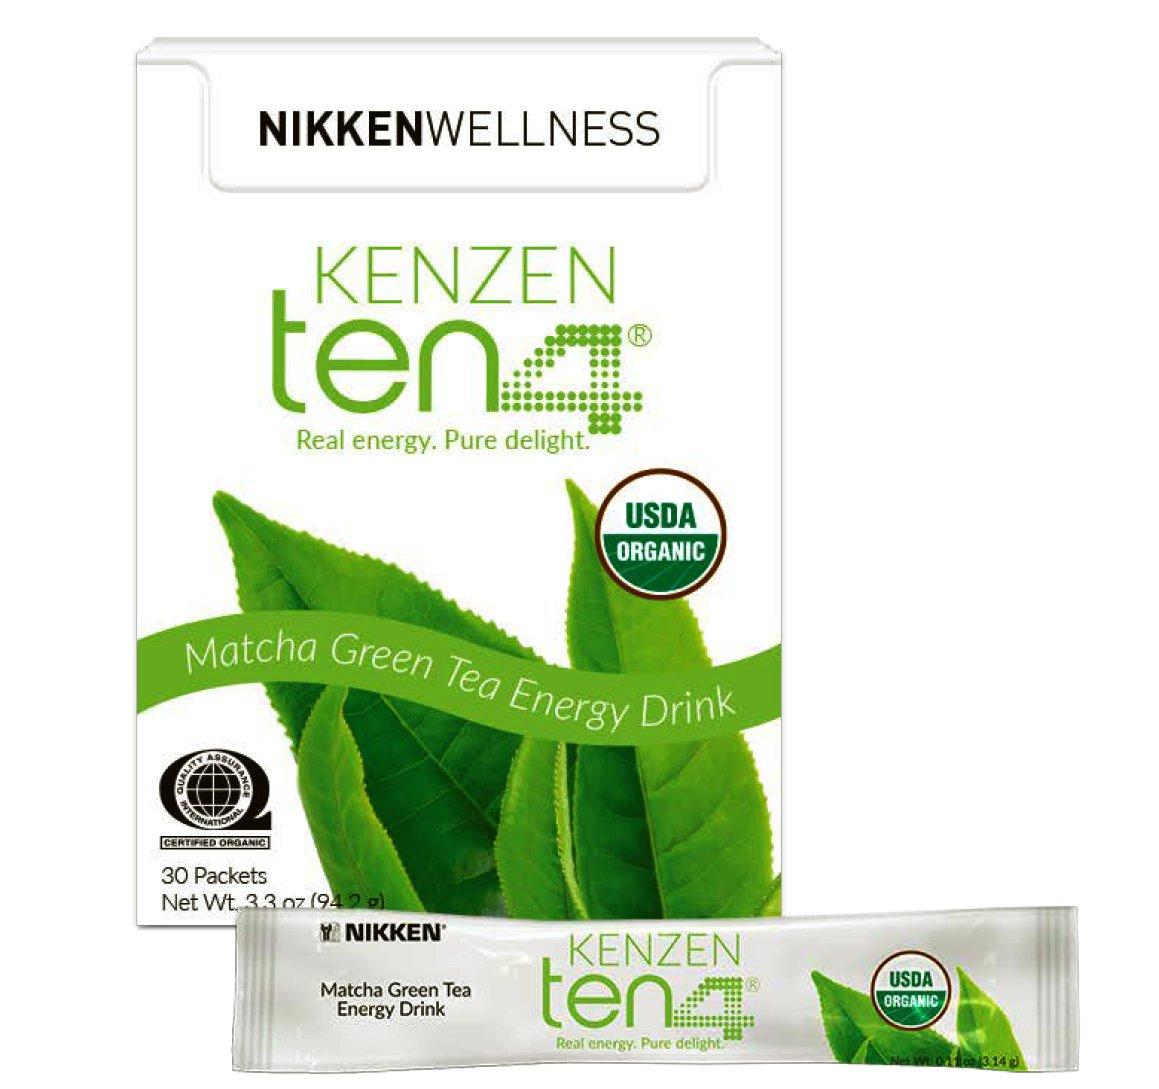 Nikken Wellness Kenzen Ten4 Matcha Green Tea Powder - Pure Green Tea Fat Burner and Natural Energy Powder Drink Mix - Matcha Powder for Weight Loss - Organic Matcha Tea Lose Weight Fast 30 Sachets